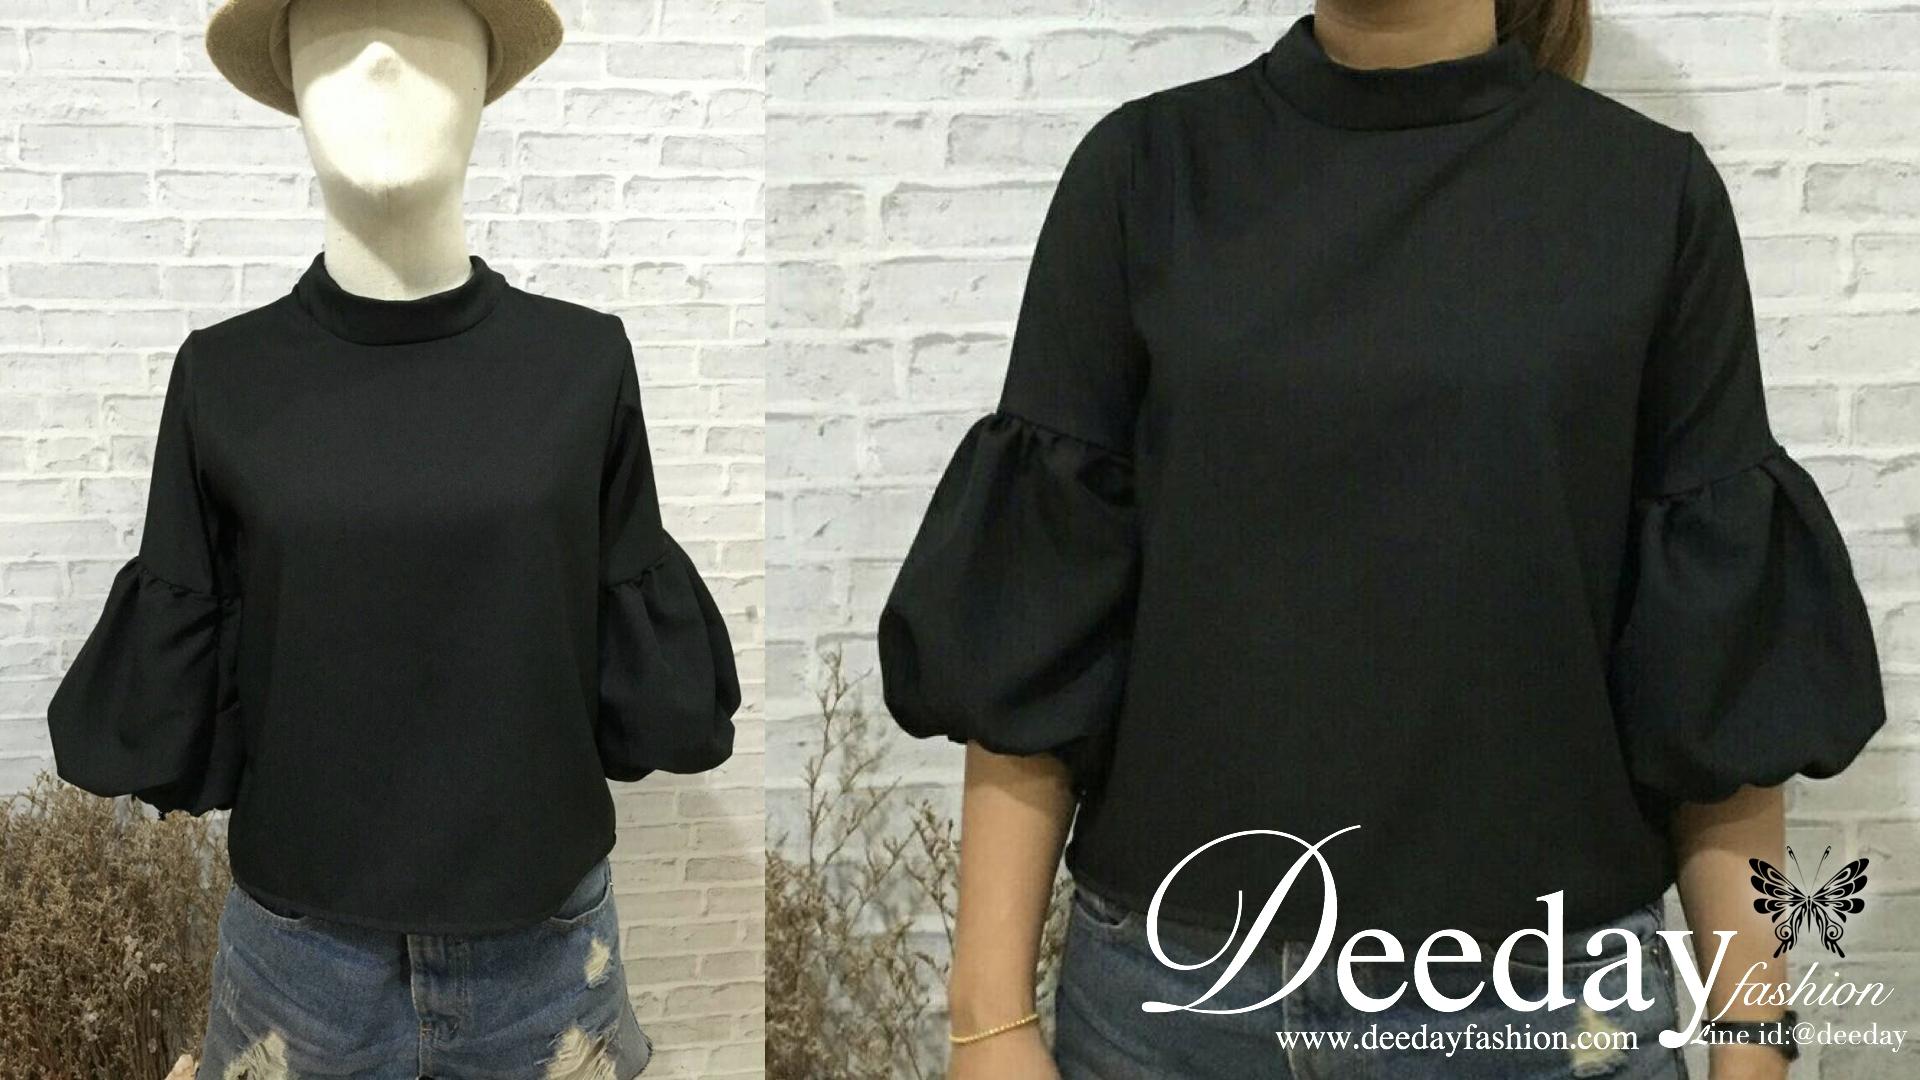 ขายส่งเสื้อดำ เสื้อดำ แฟชั่นเสื้อดำ